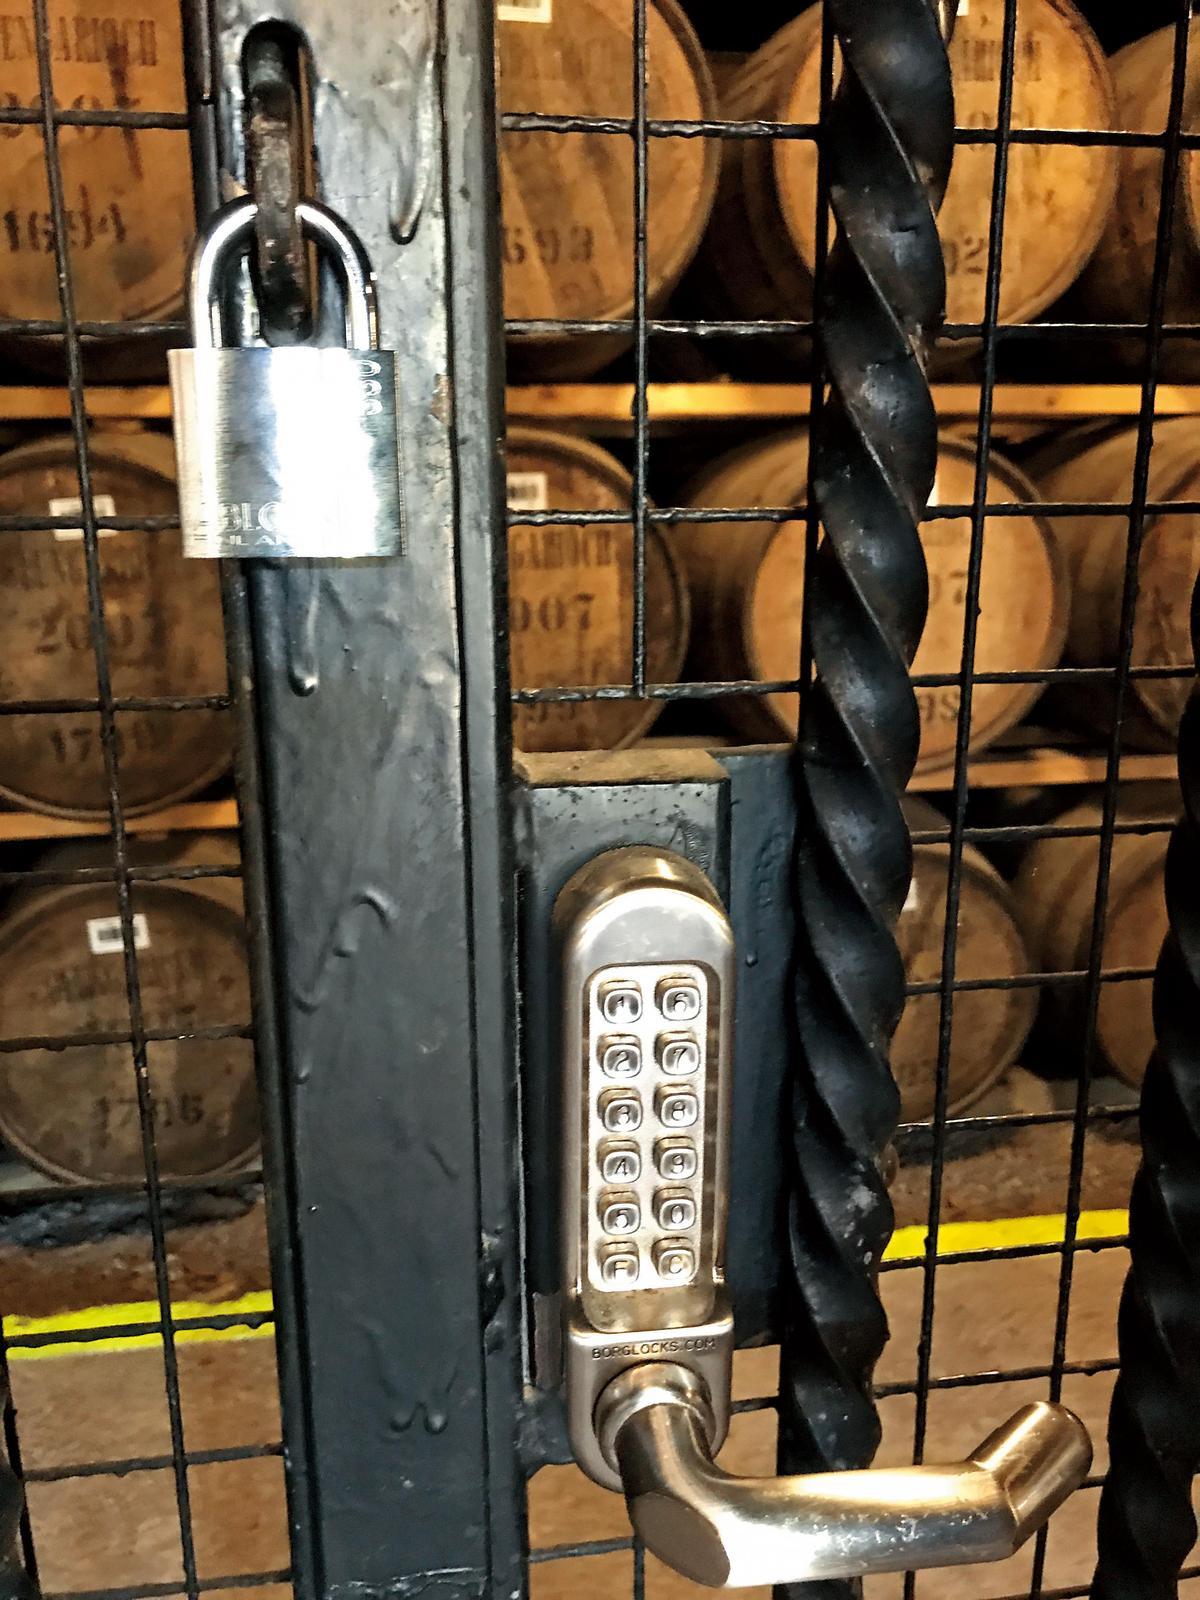 酒窖酒桶是最重要的資產,所以必須層層防護。